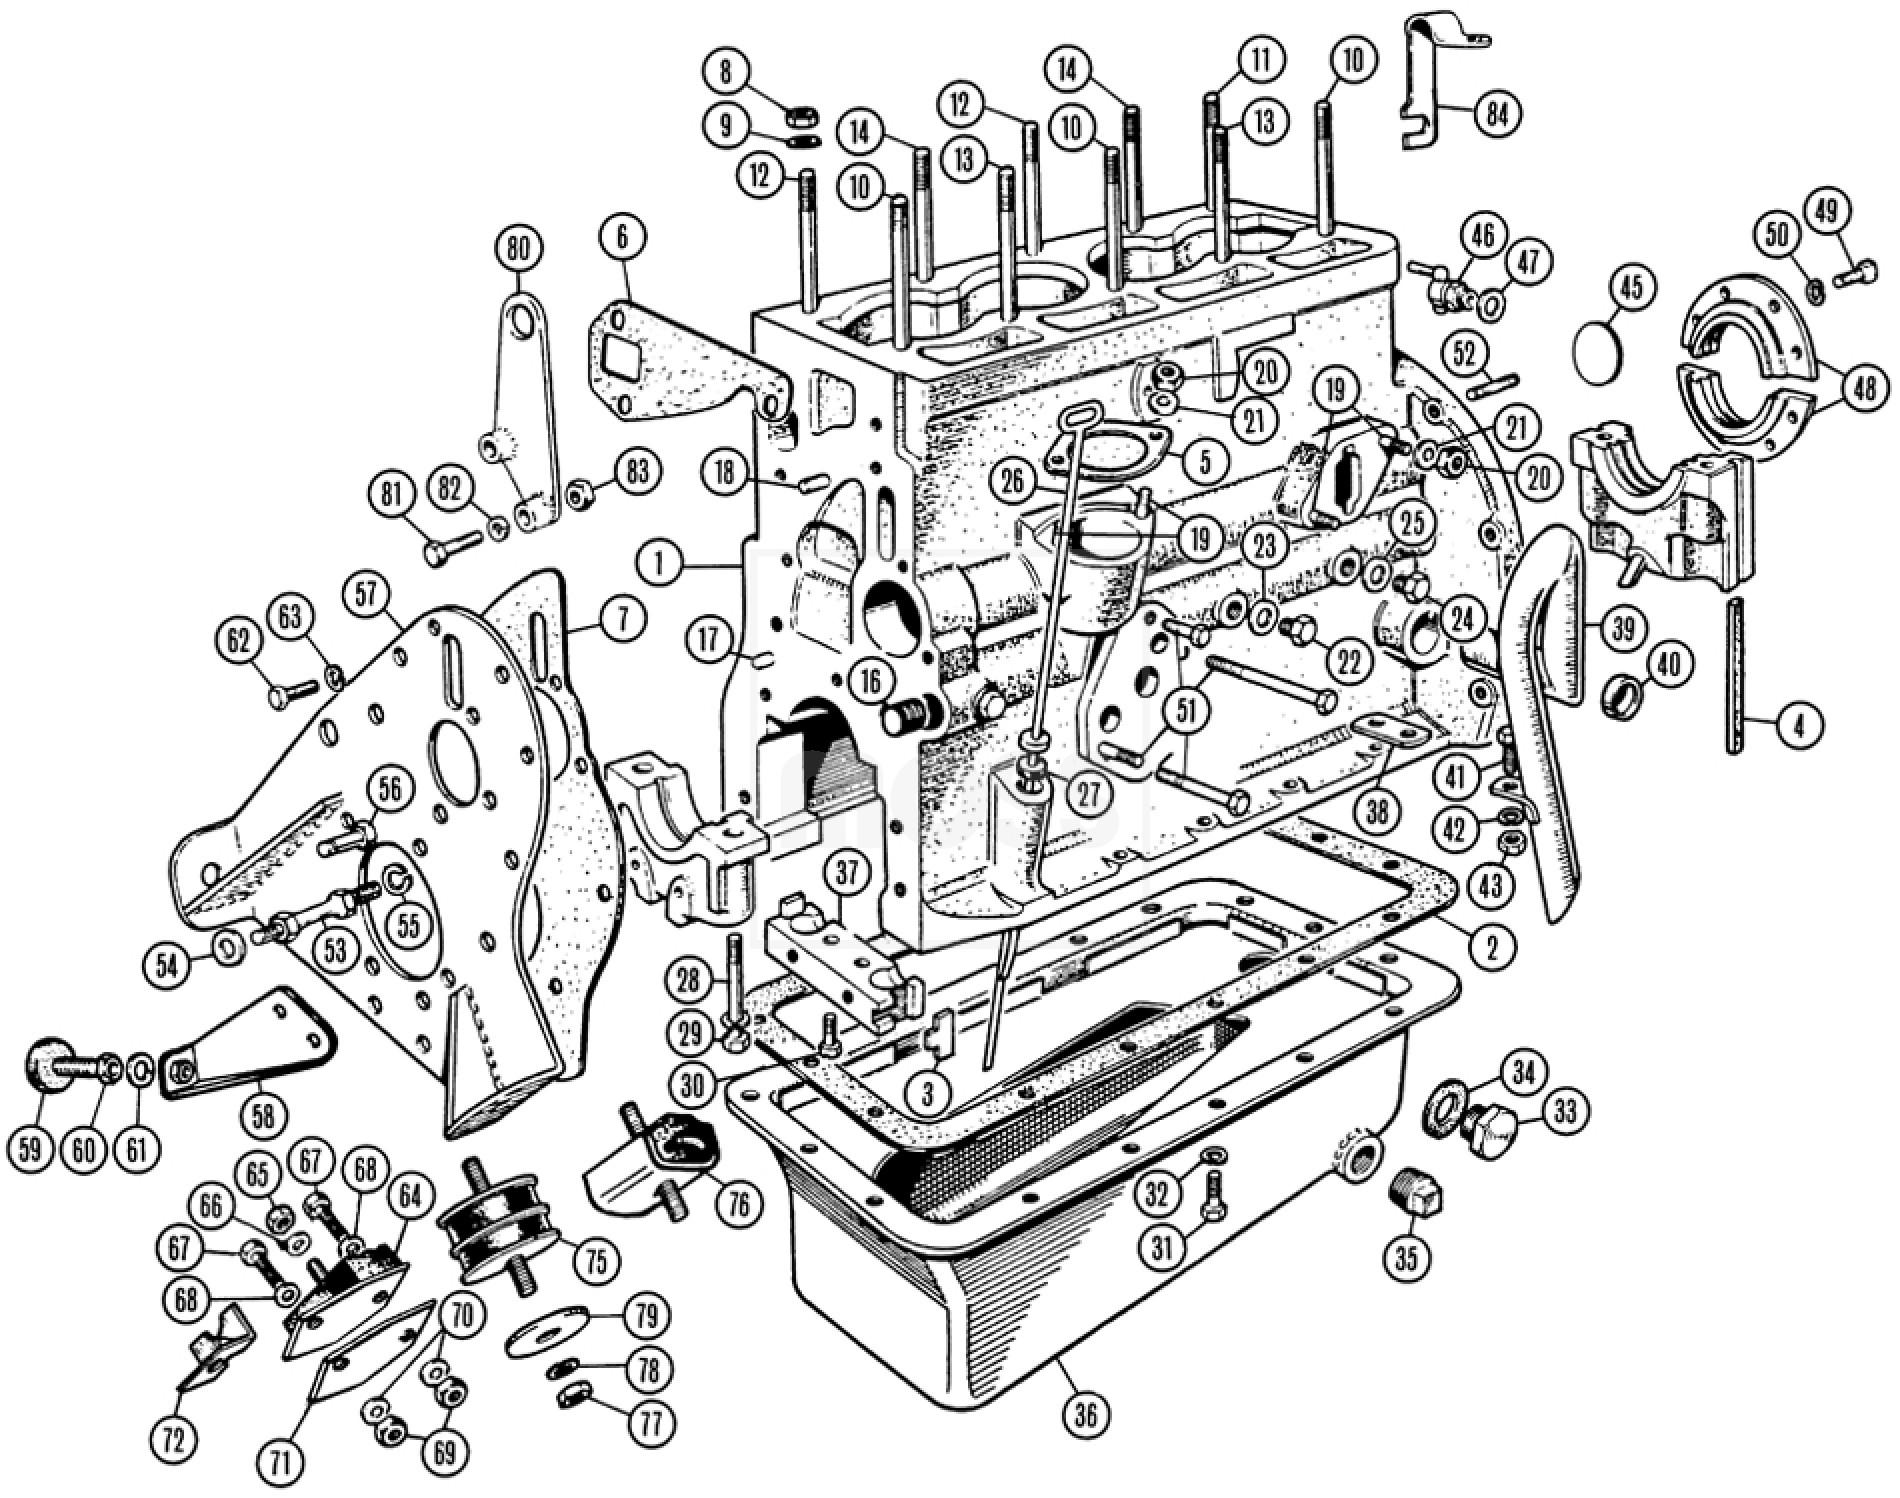 500 Wiring Diagram Moreover 1999 Polaris Sportsman 500 Wiring Diagram